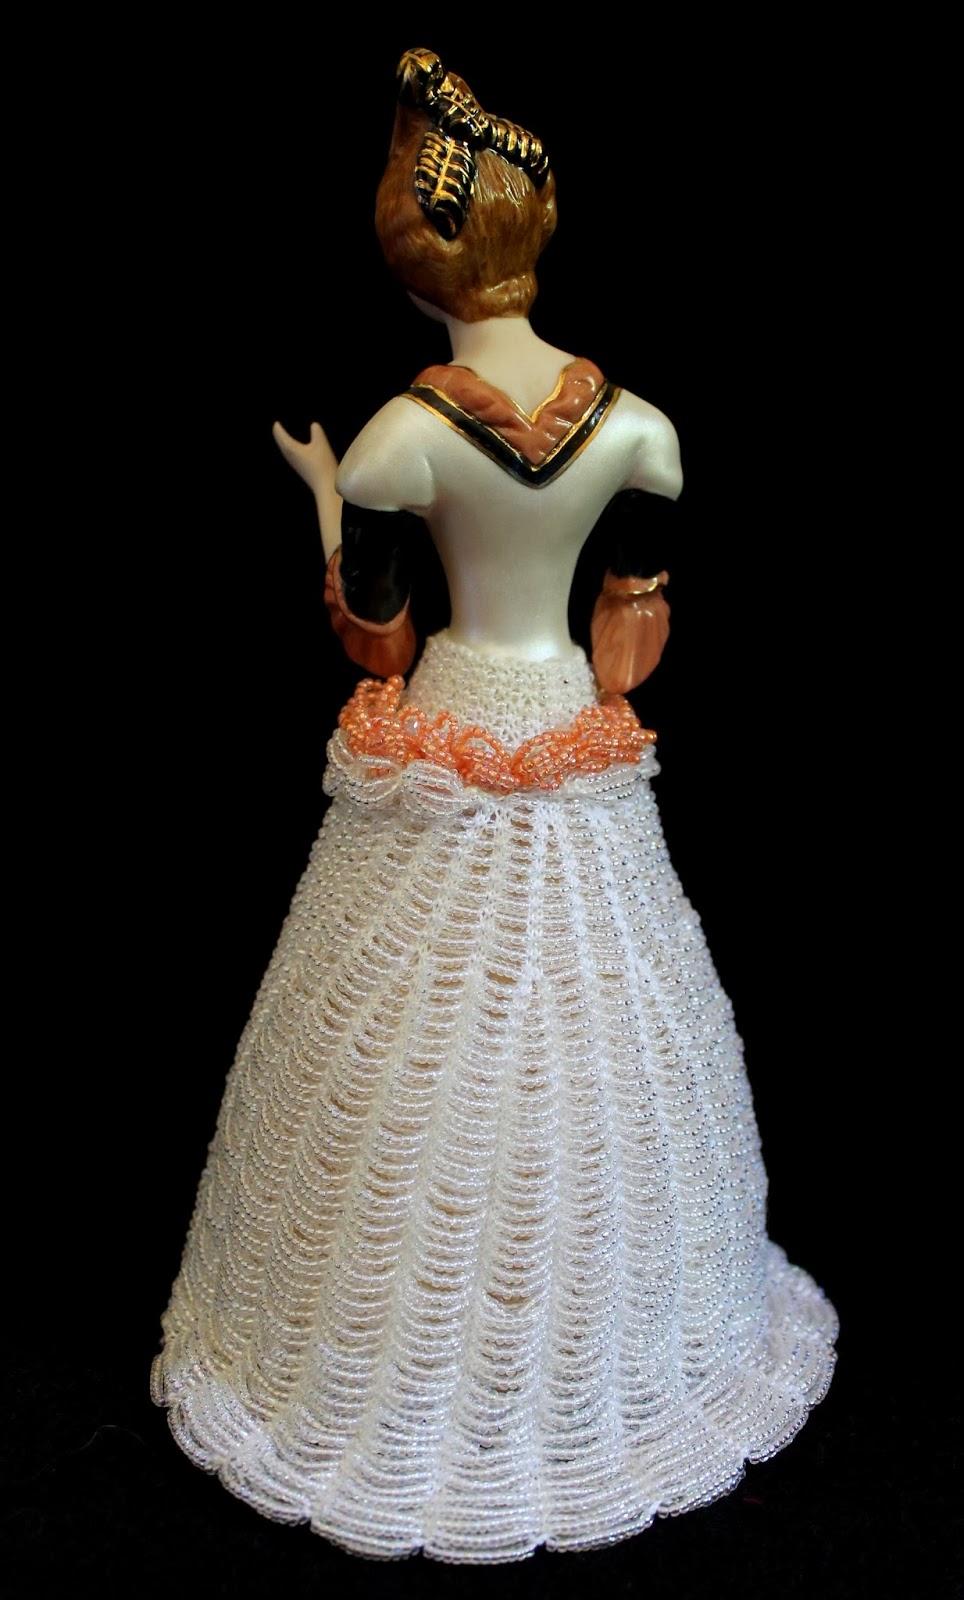 Beaded Knitting Patterns Half Dolls : Beading Belles: Beaded Skirt from Belle Bambole for Half Doll Cassandra